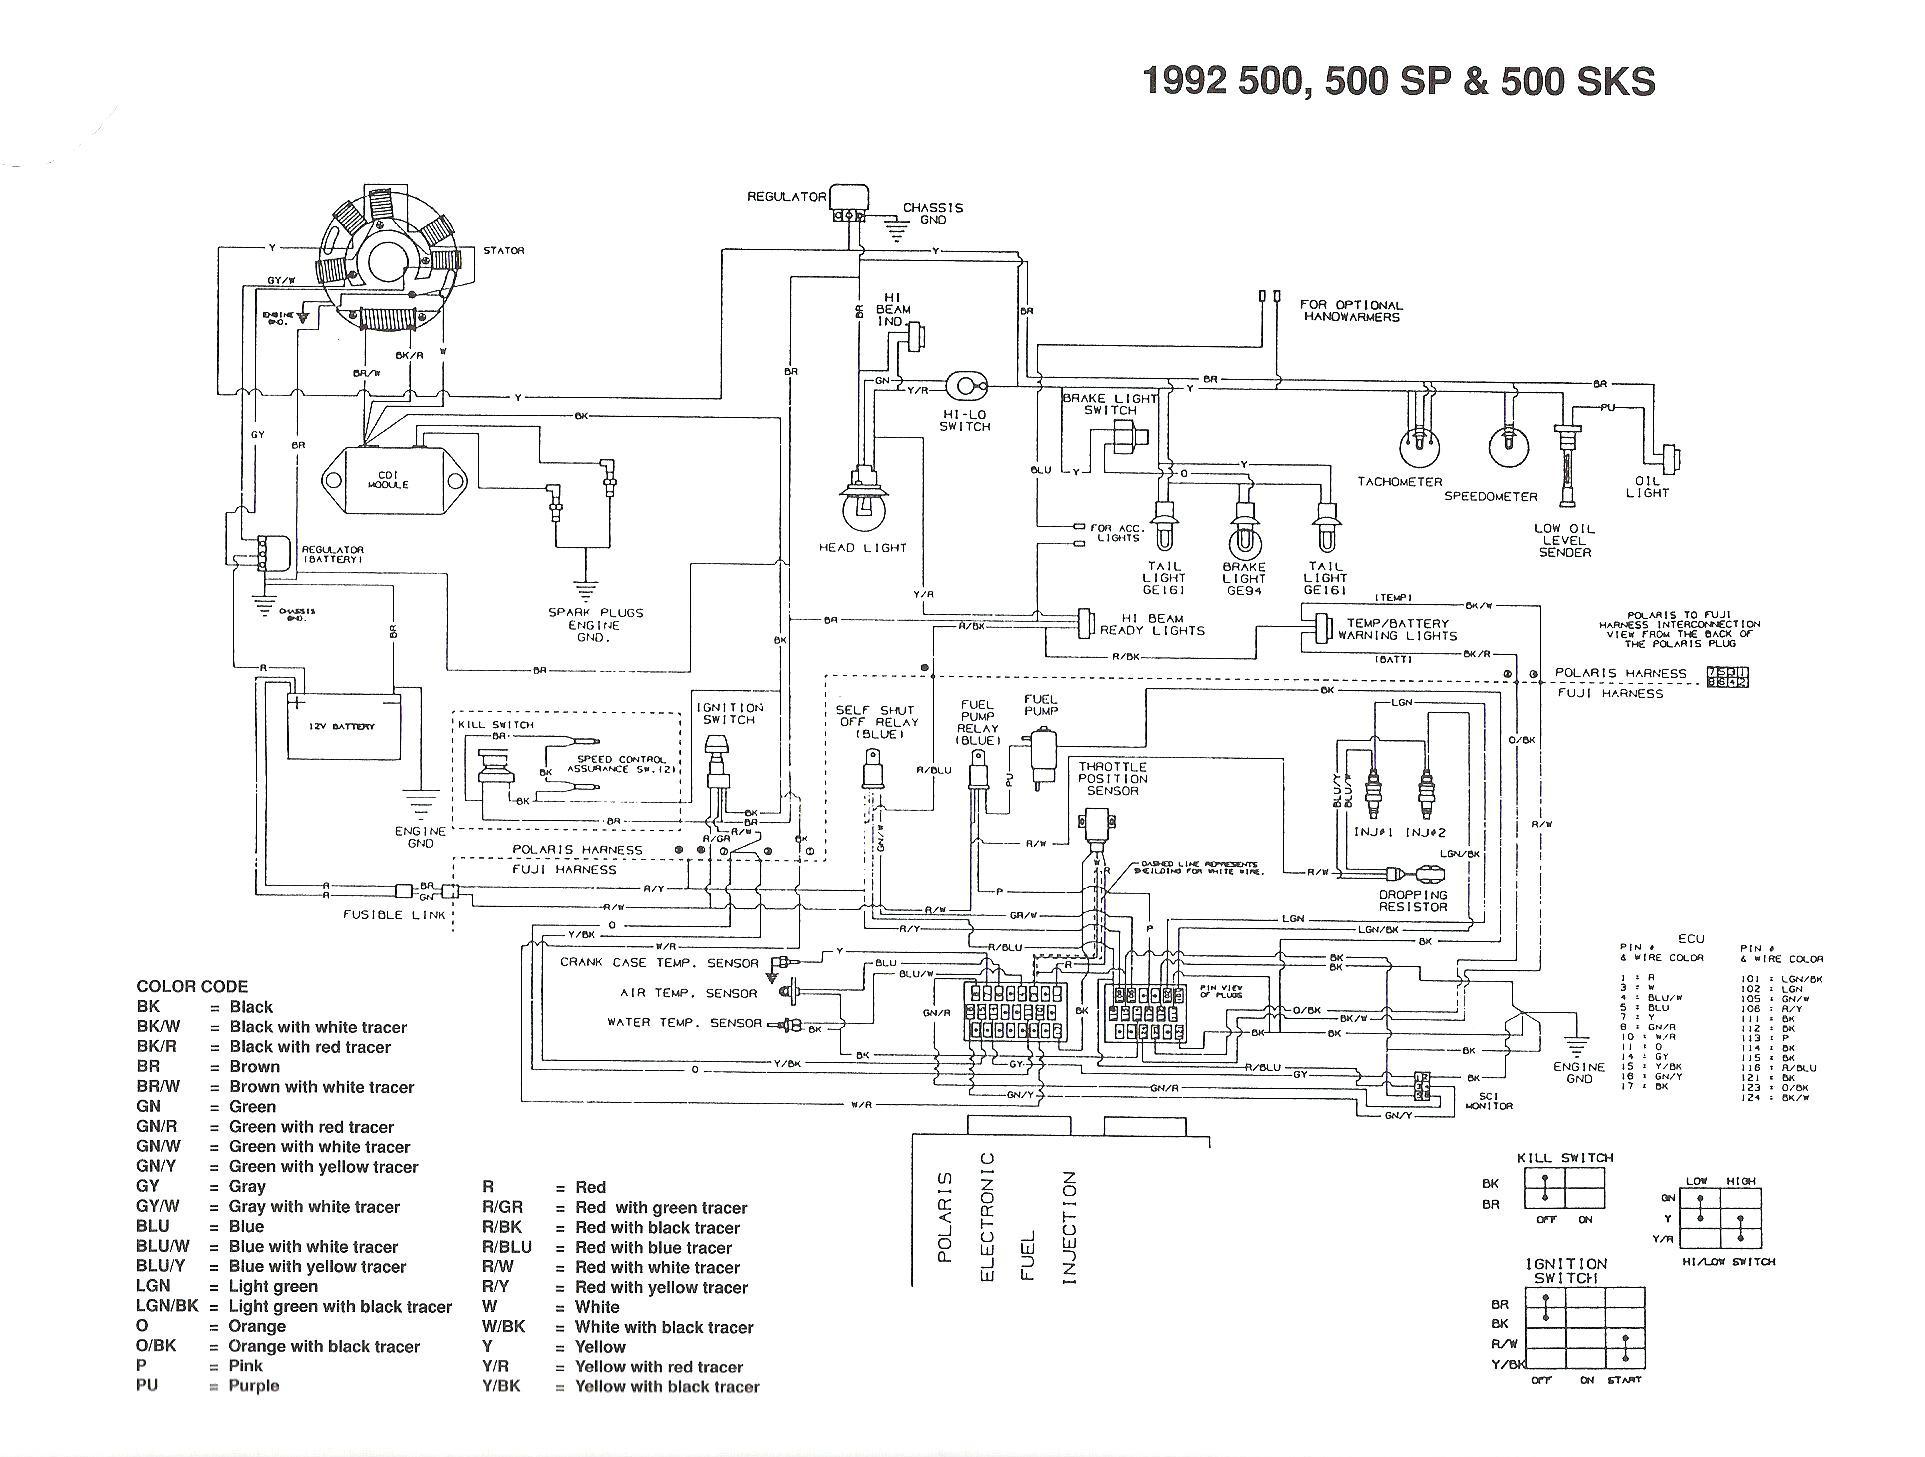 hight resolution of 2013 chrysler 200 parts diagram imageresizertool com 2013 polaris ranger 500 efi wiring diagram 2013 polaris ranger 500 efi wiring diagram